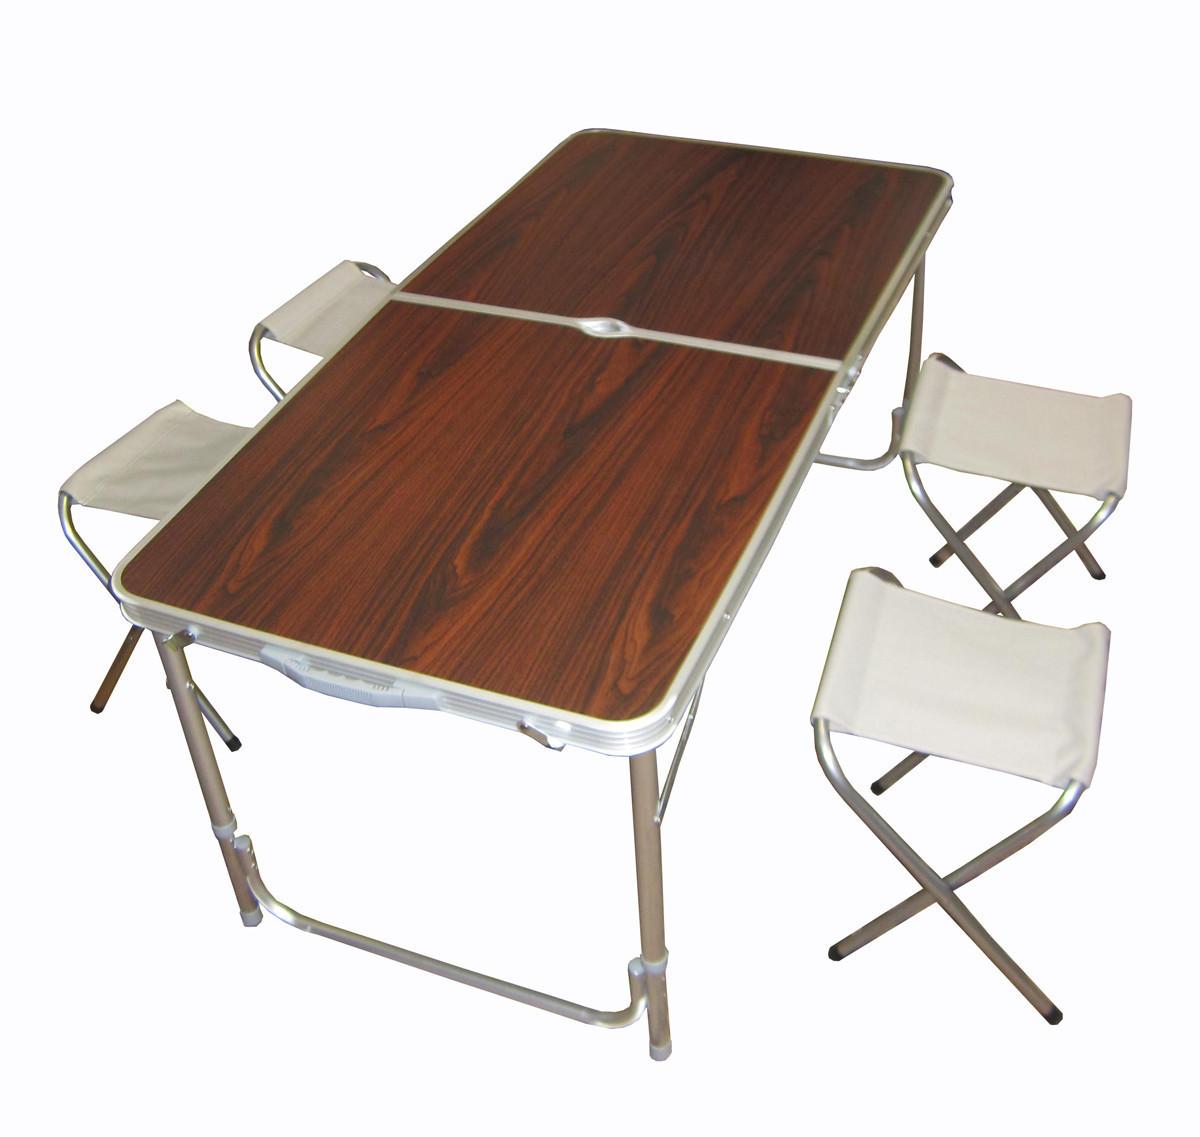 Складной стол книжка со стульями Picnic Table